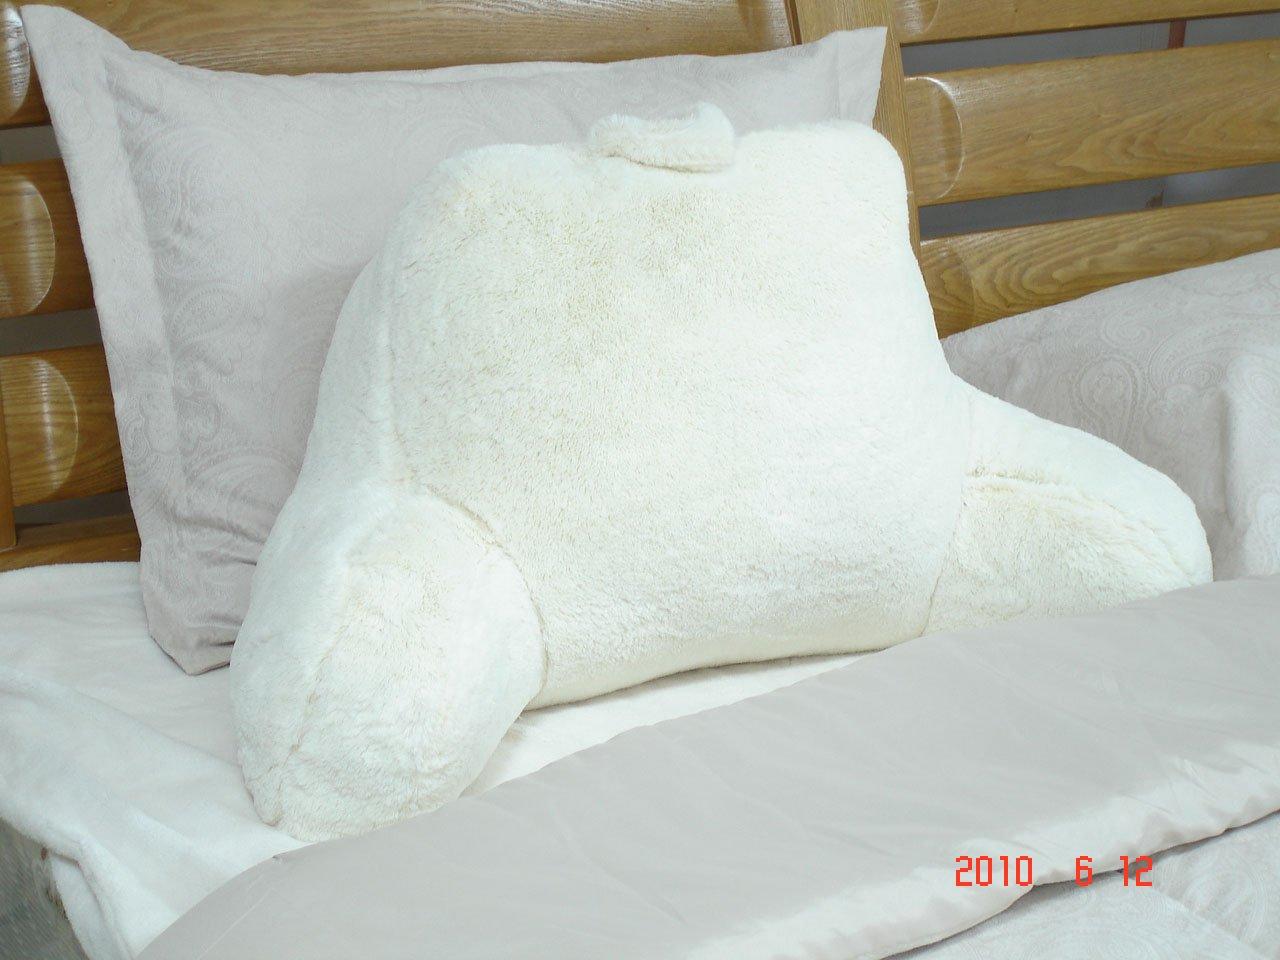 Backrest Floor Cushion - Buy Backrest Floor Cushion,Decorate Floor ...